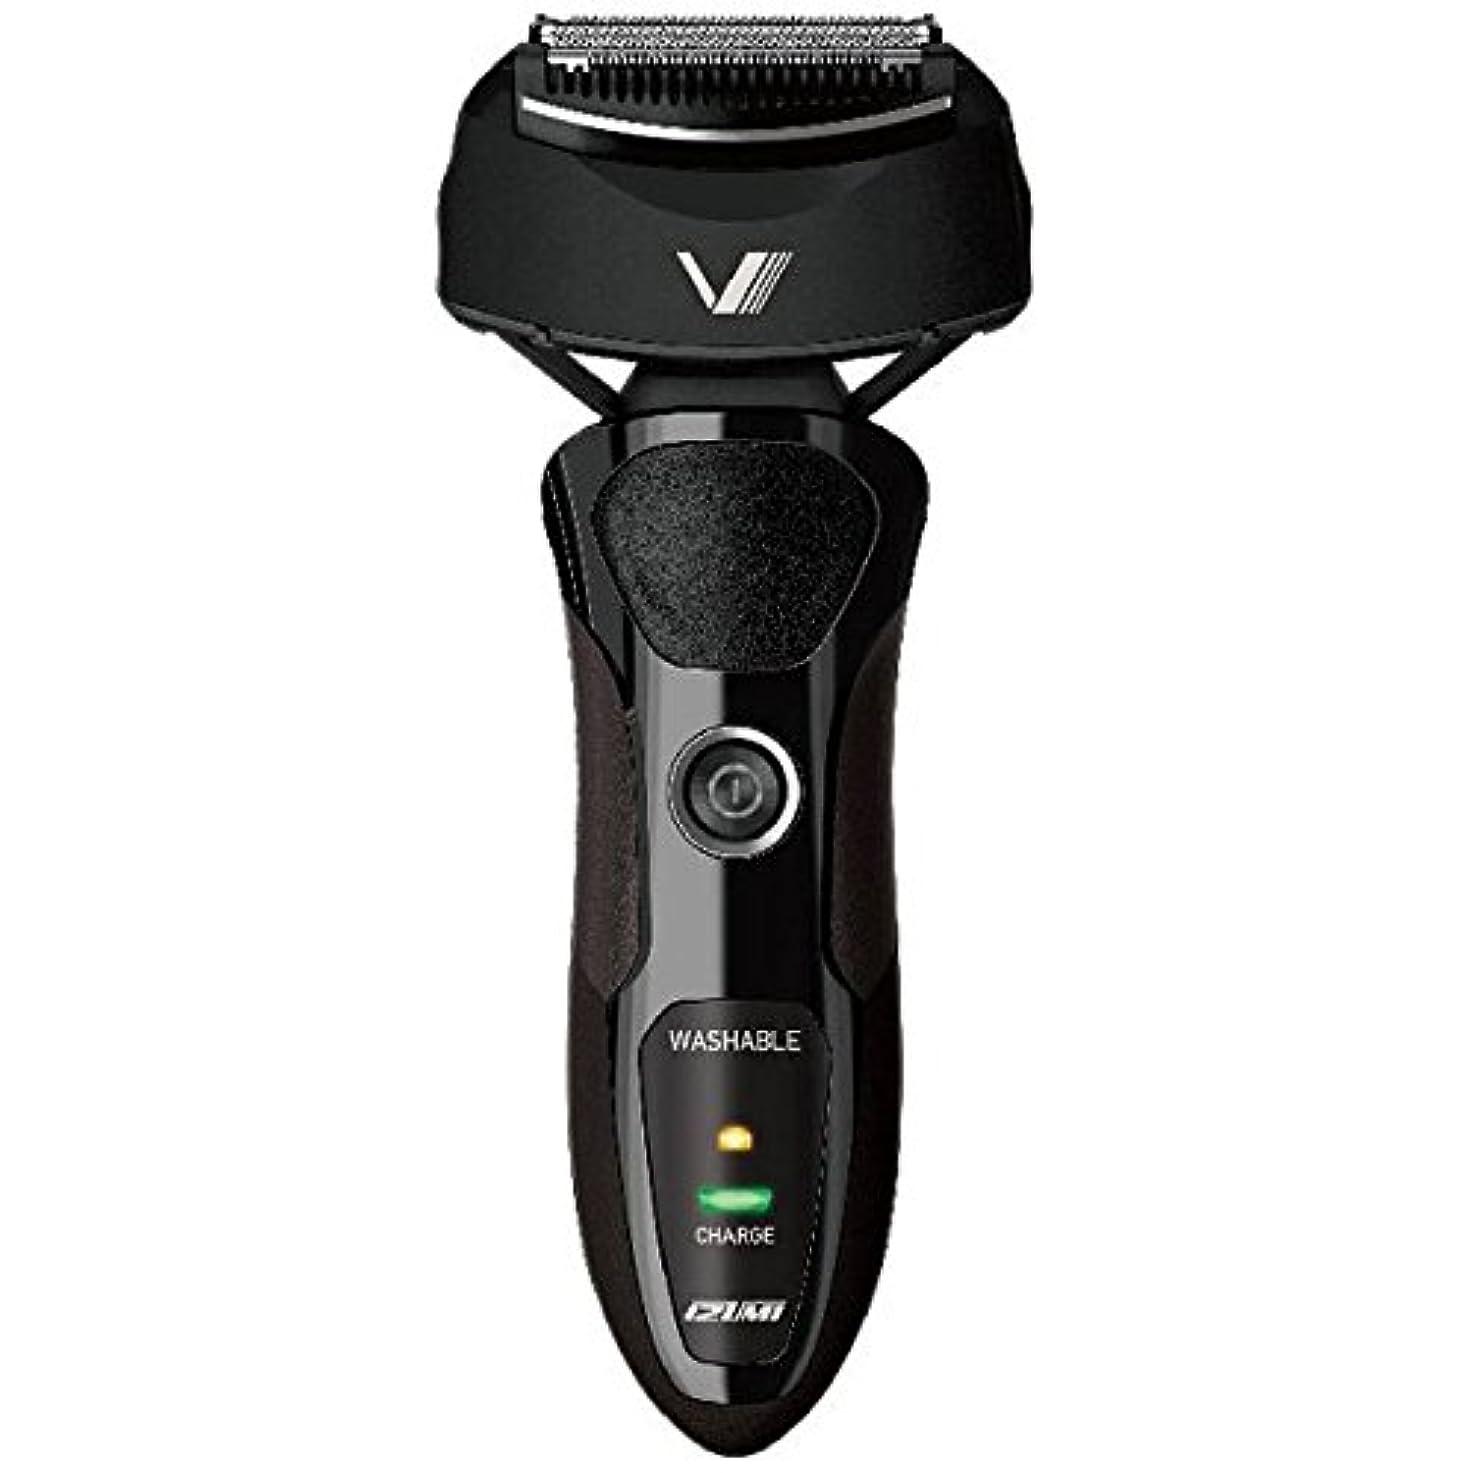 フォルダ知り合いになるピービッシュIZUMI VIDAN 往復式シェーバー 深剃りシリーズ 3枚刃 ブラック IZF-V36-K